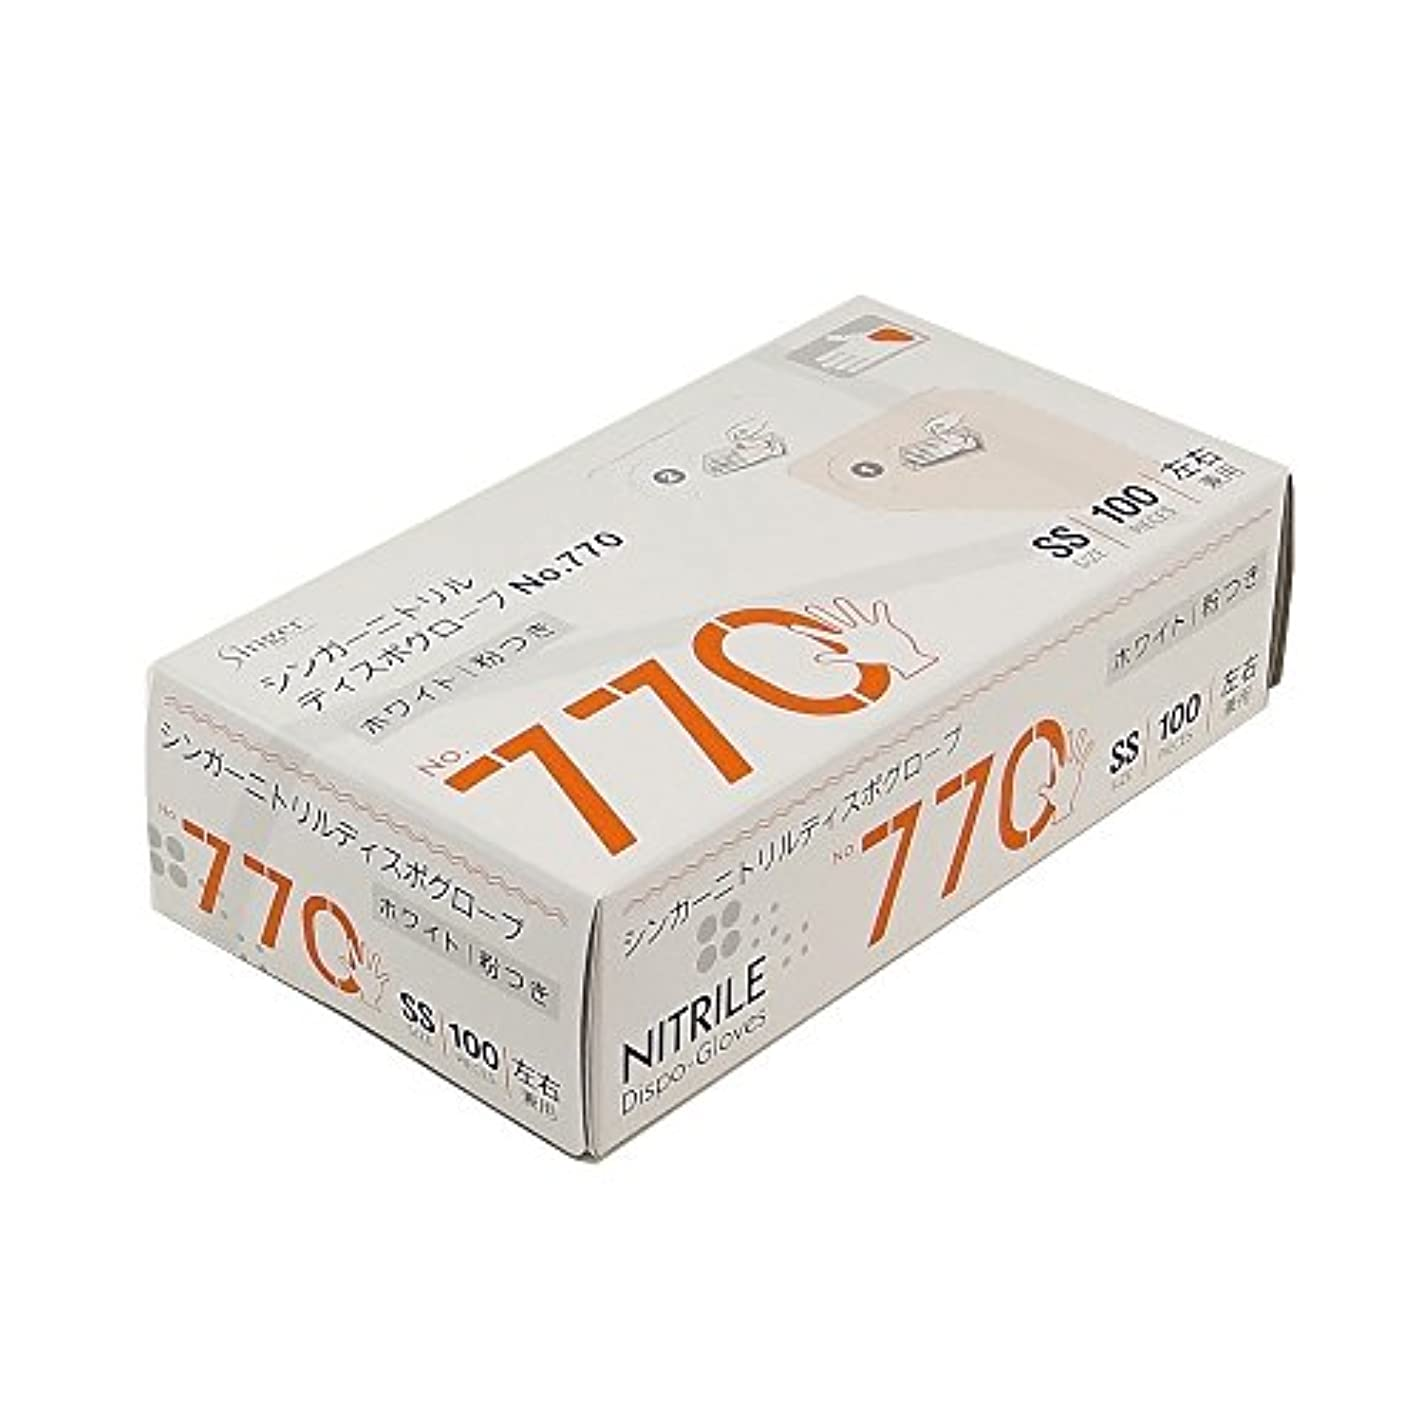 精度メイト奨学金宇都宮製作 ディスポ手袋 シンガーニトリルディスポグローブ No.770 ホワイト 粉付 100枚入  SS